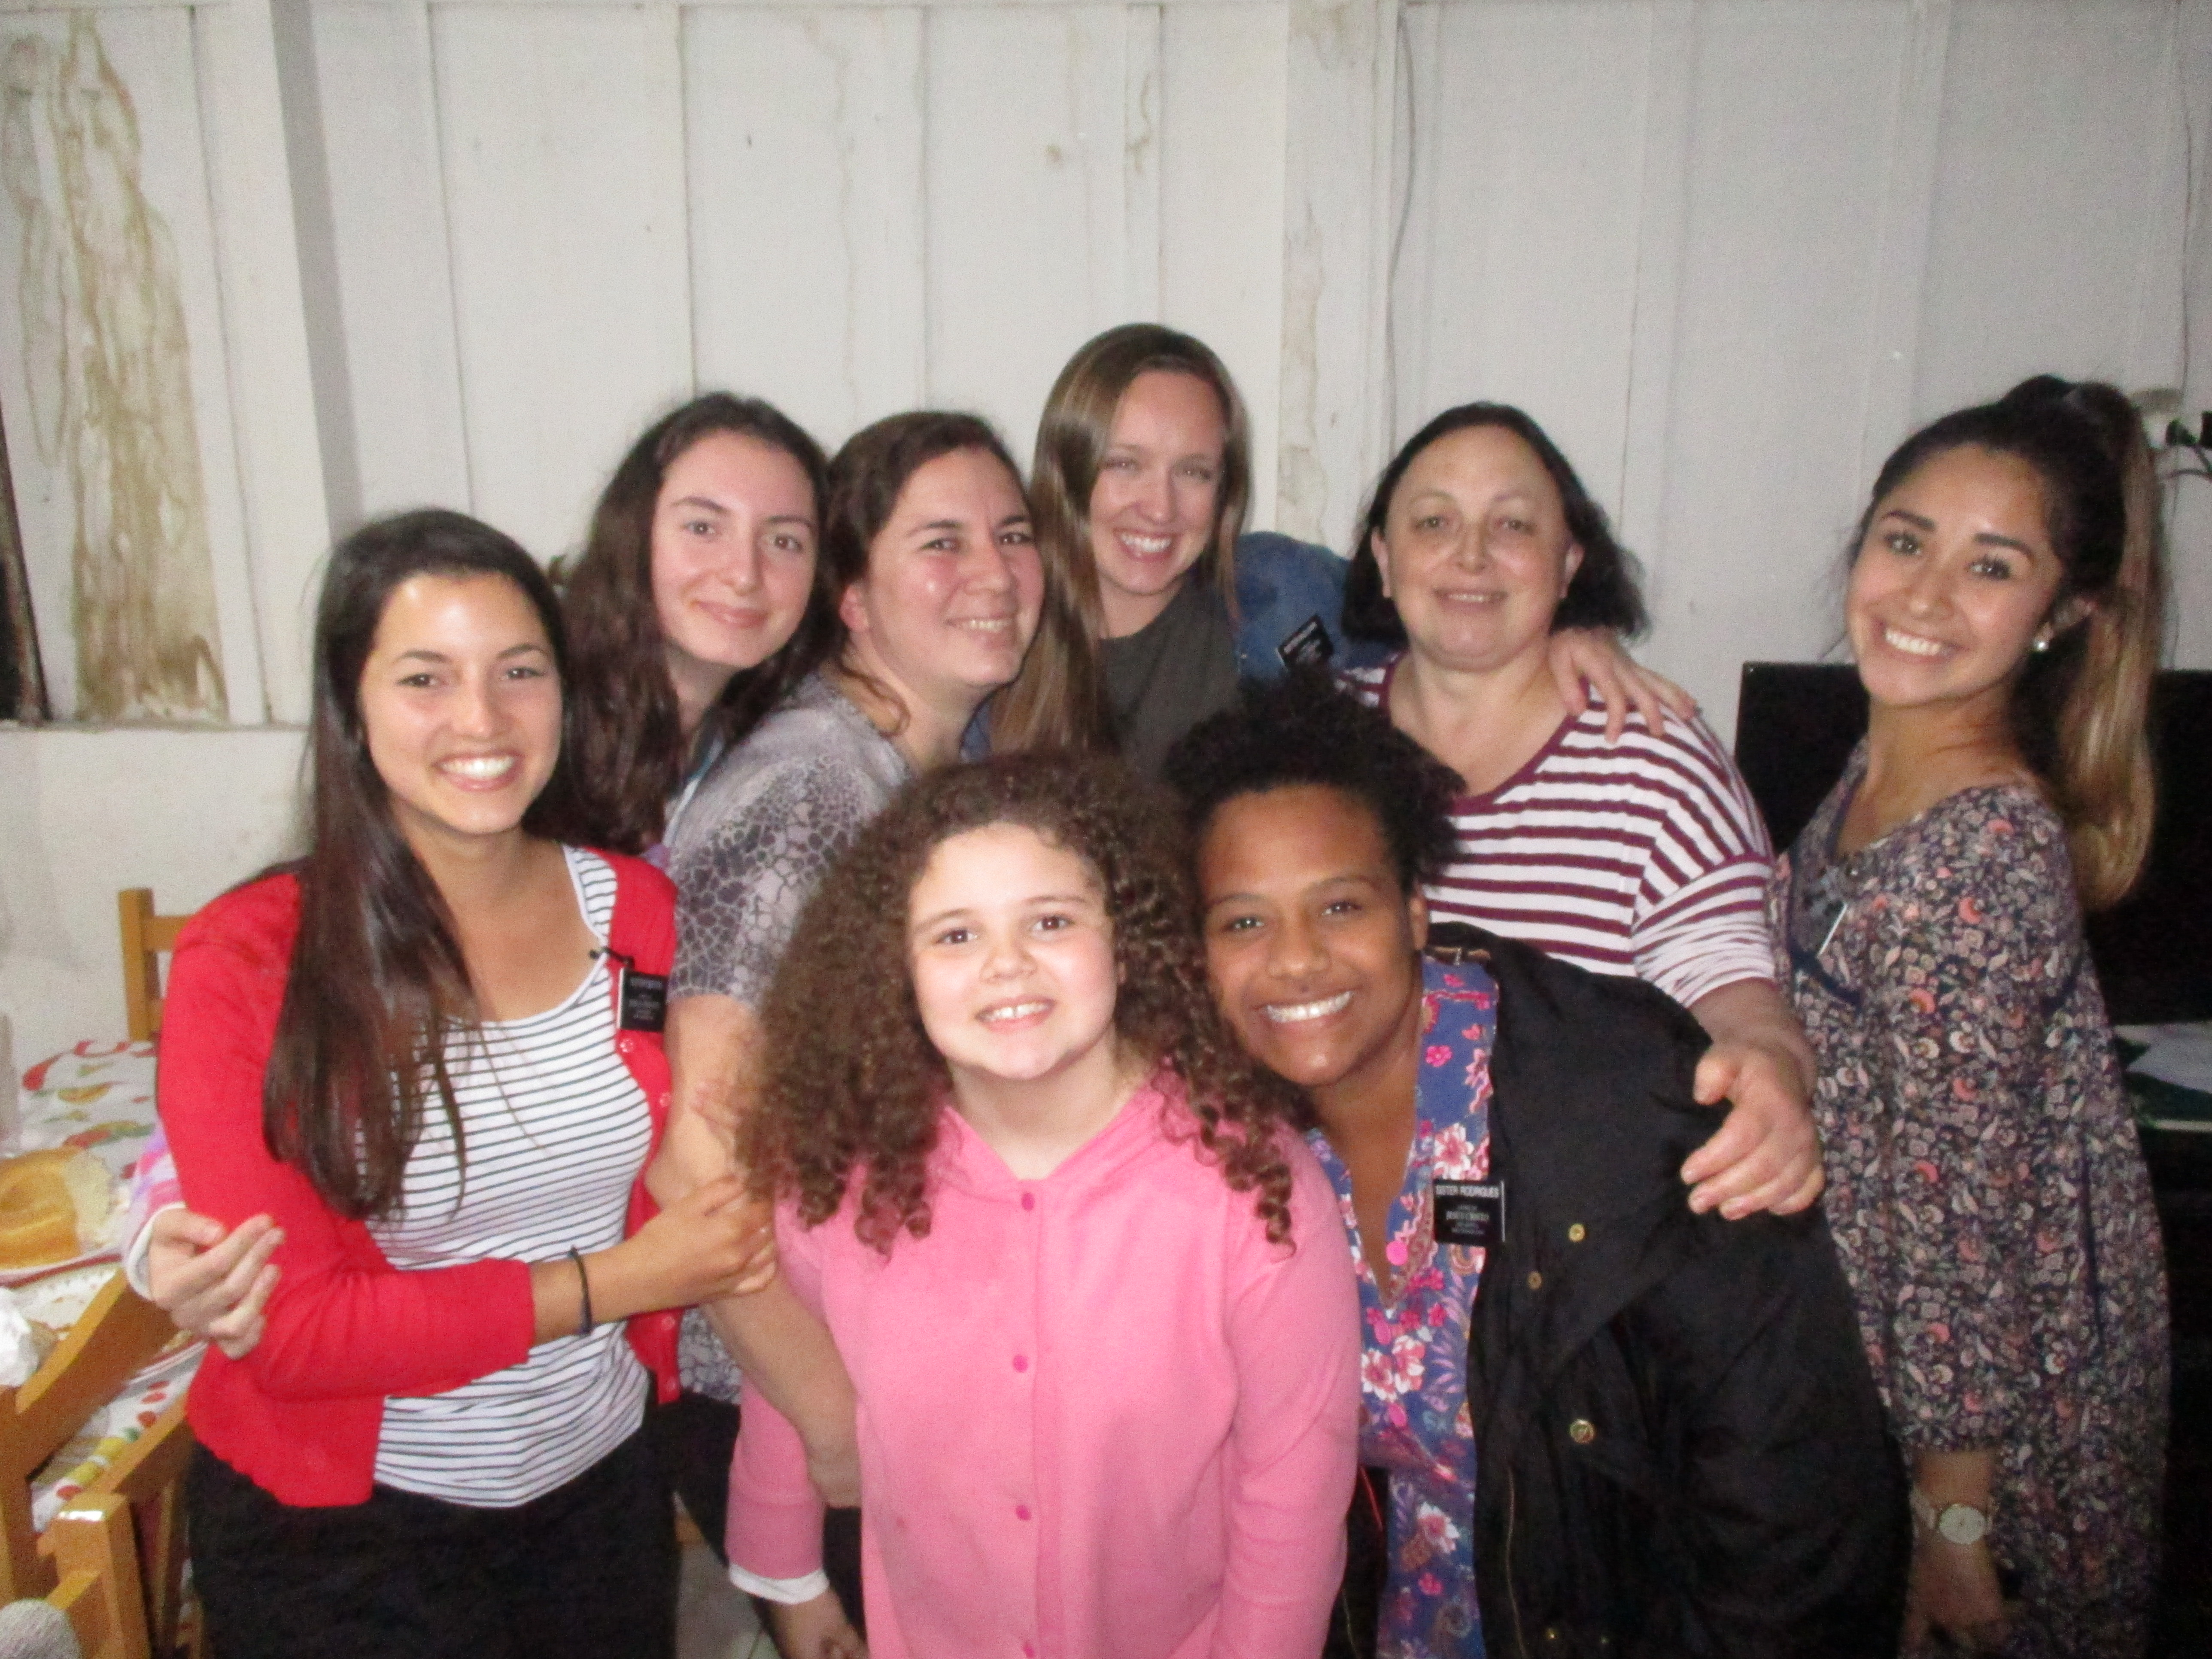 Monique McDown com alguns amigas e companheiras missionárias em Curitiba, Brasil.